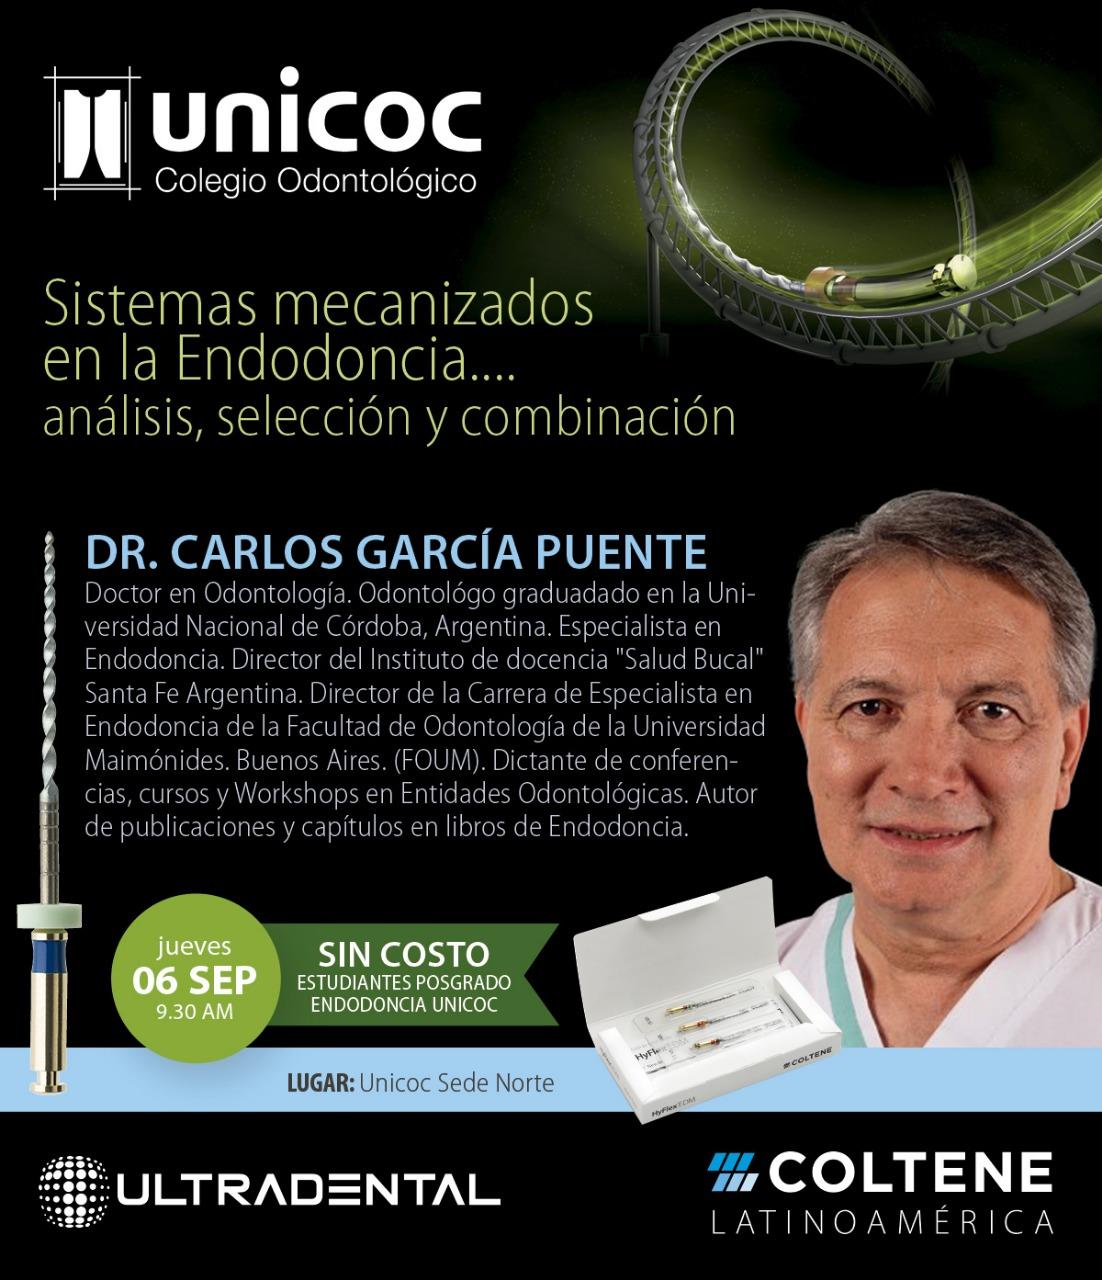 Conferencia; Sistema mecanizados en la Endodoncia